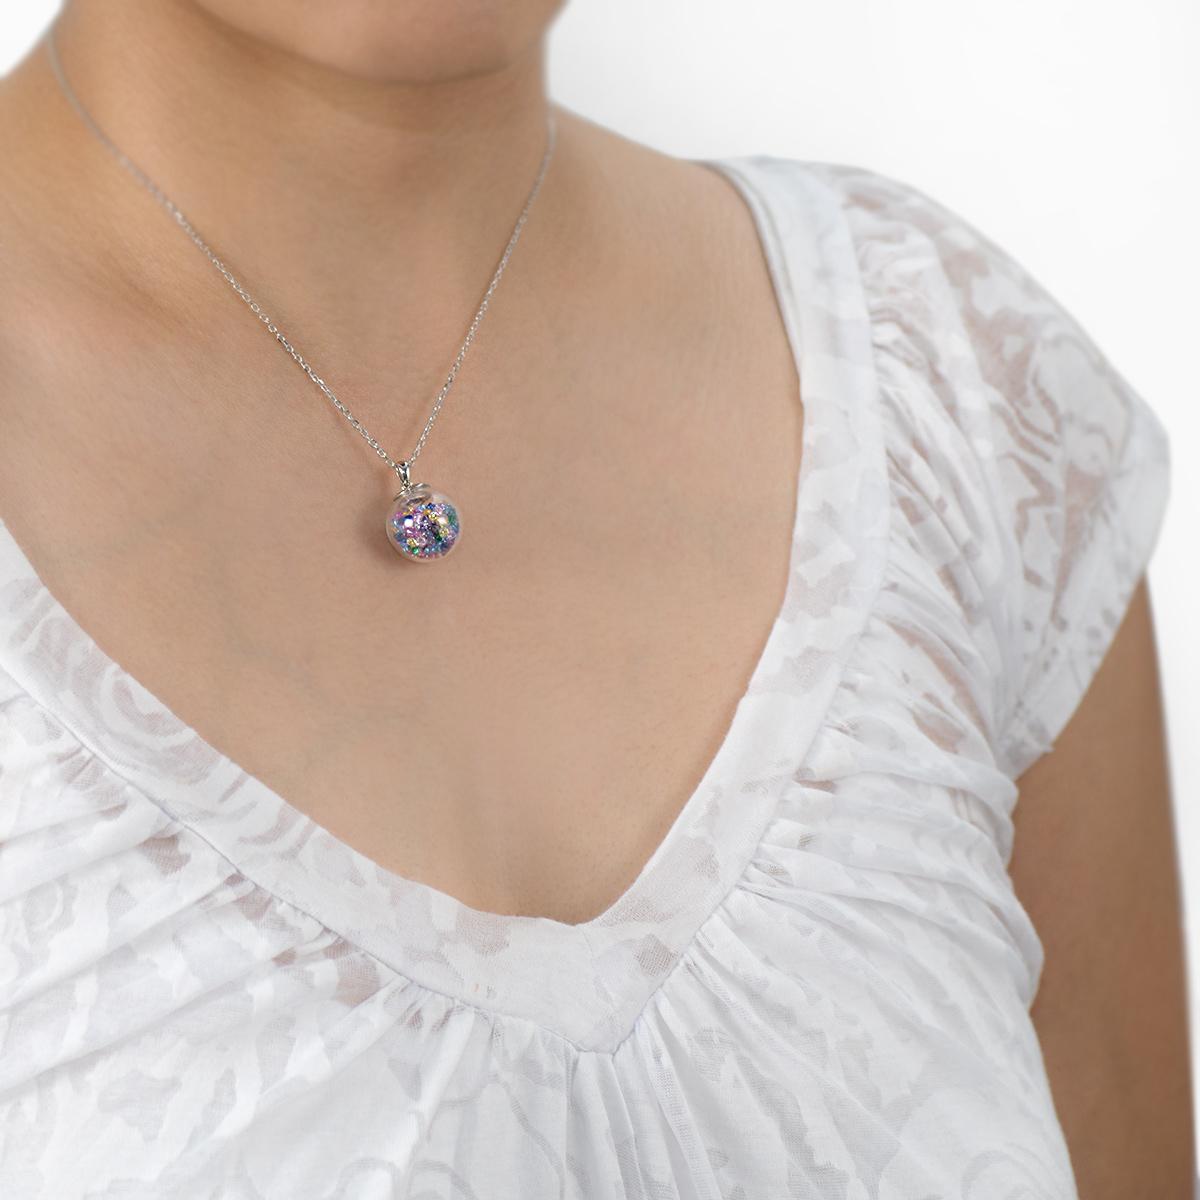 MATERIA 925 Silber Kette mit Anhänger Glas Kugel Damen Mädchen 38 - 43cm